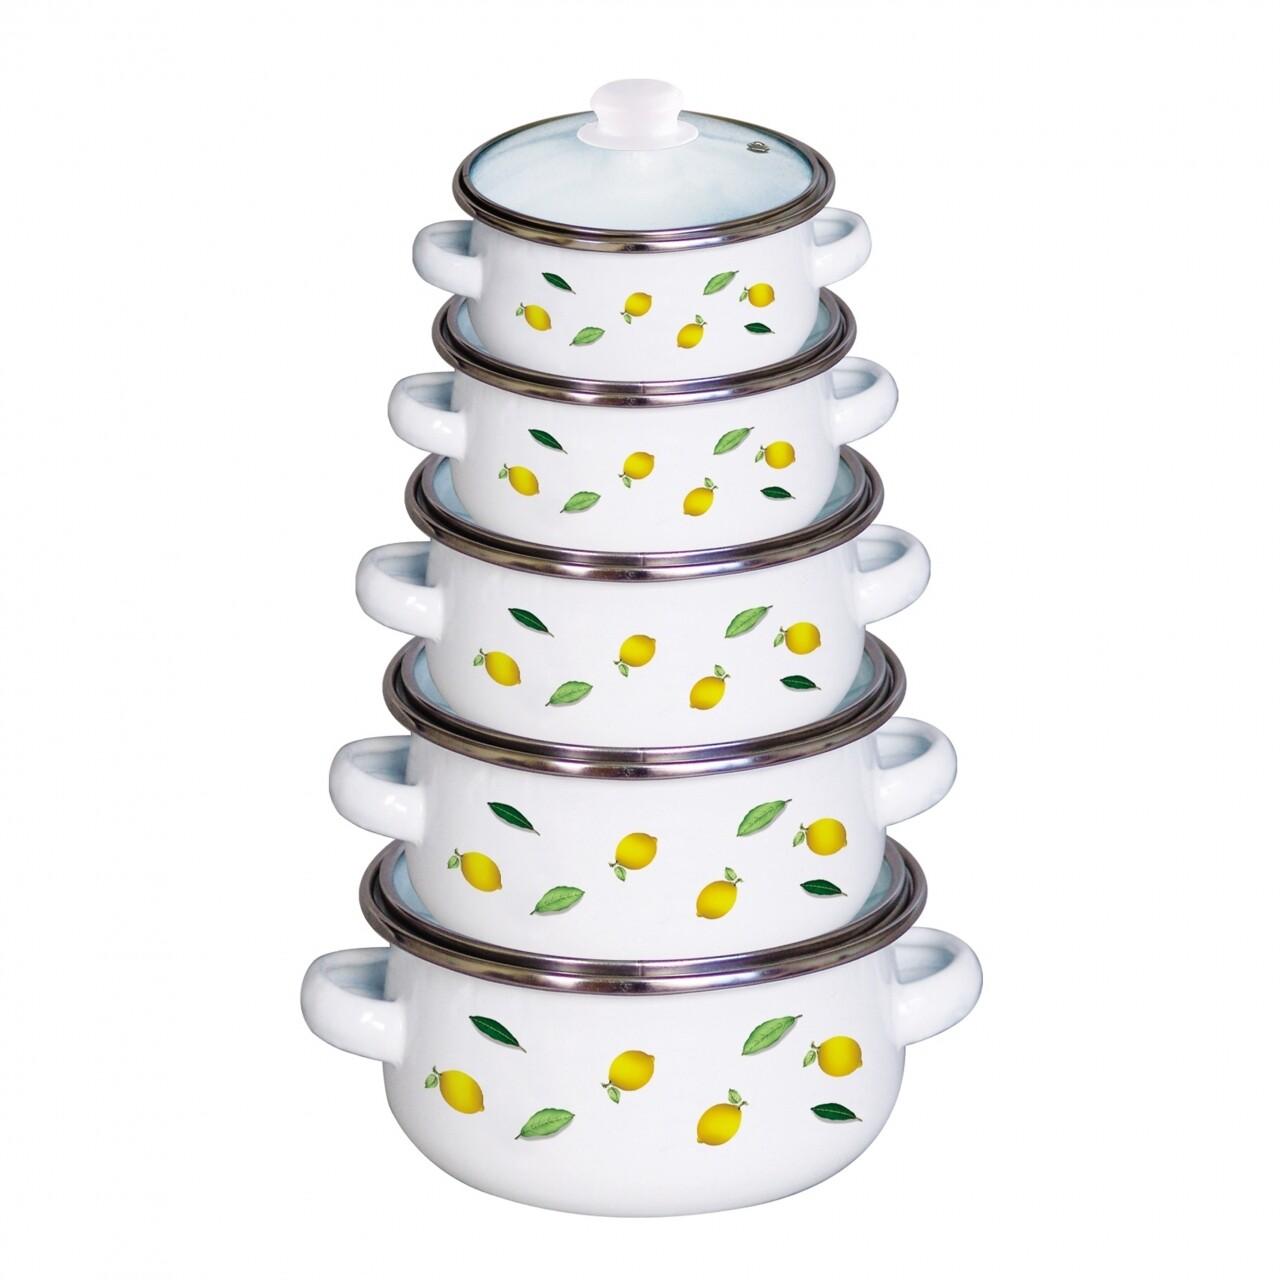 Set de gatit 10 piese, Lime, Vanora Home, 0.5l, 0.8l, 1l, 1.5l, 2l, otel carbon emailat si sticla, multicolor